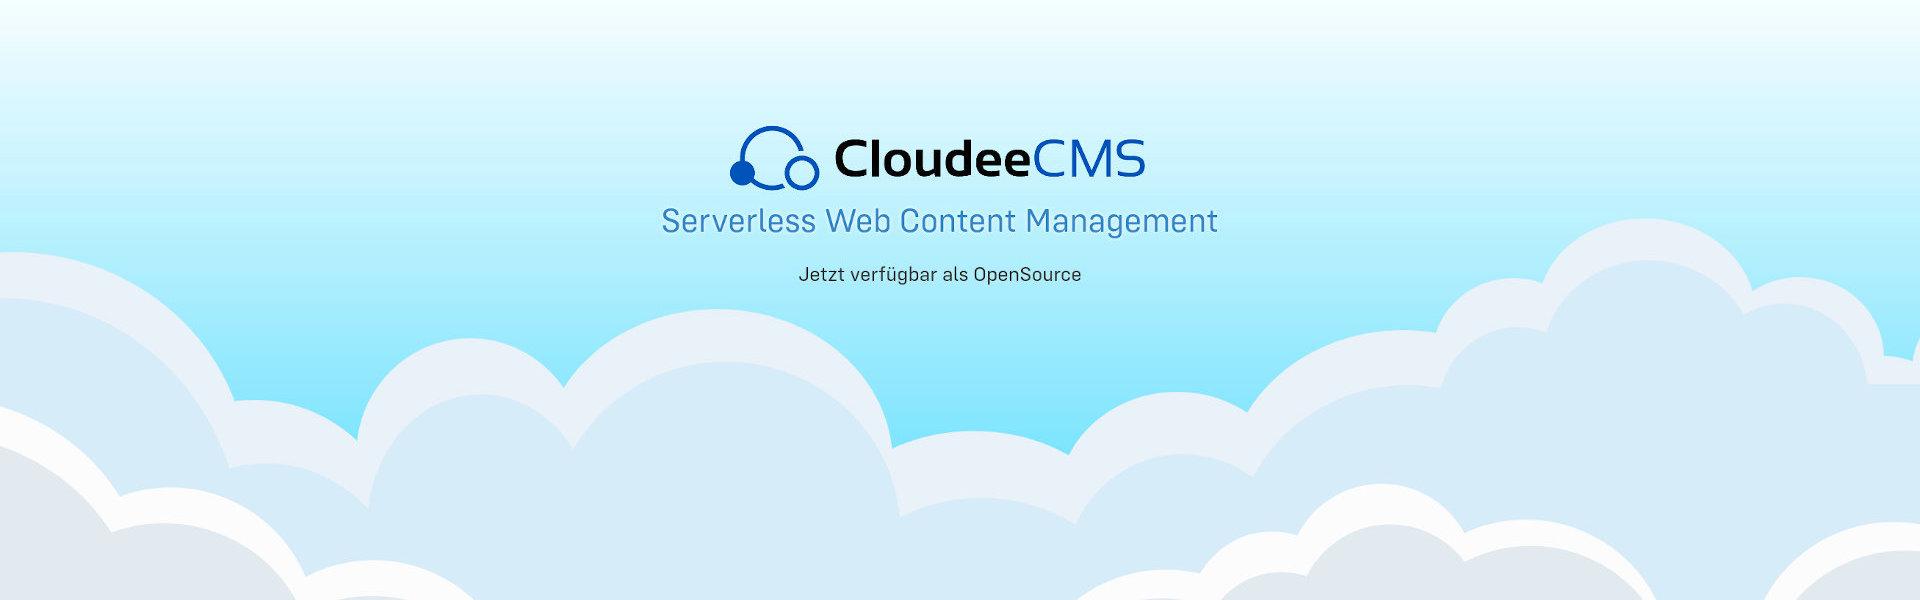 CloudeeCMS